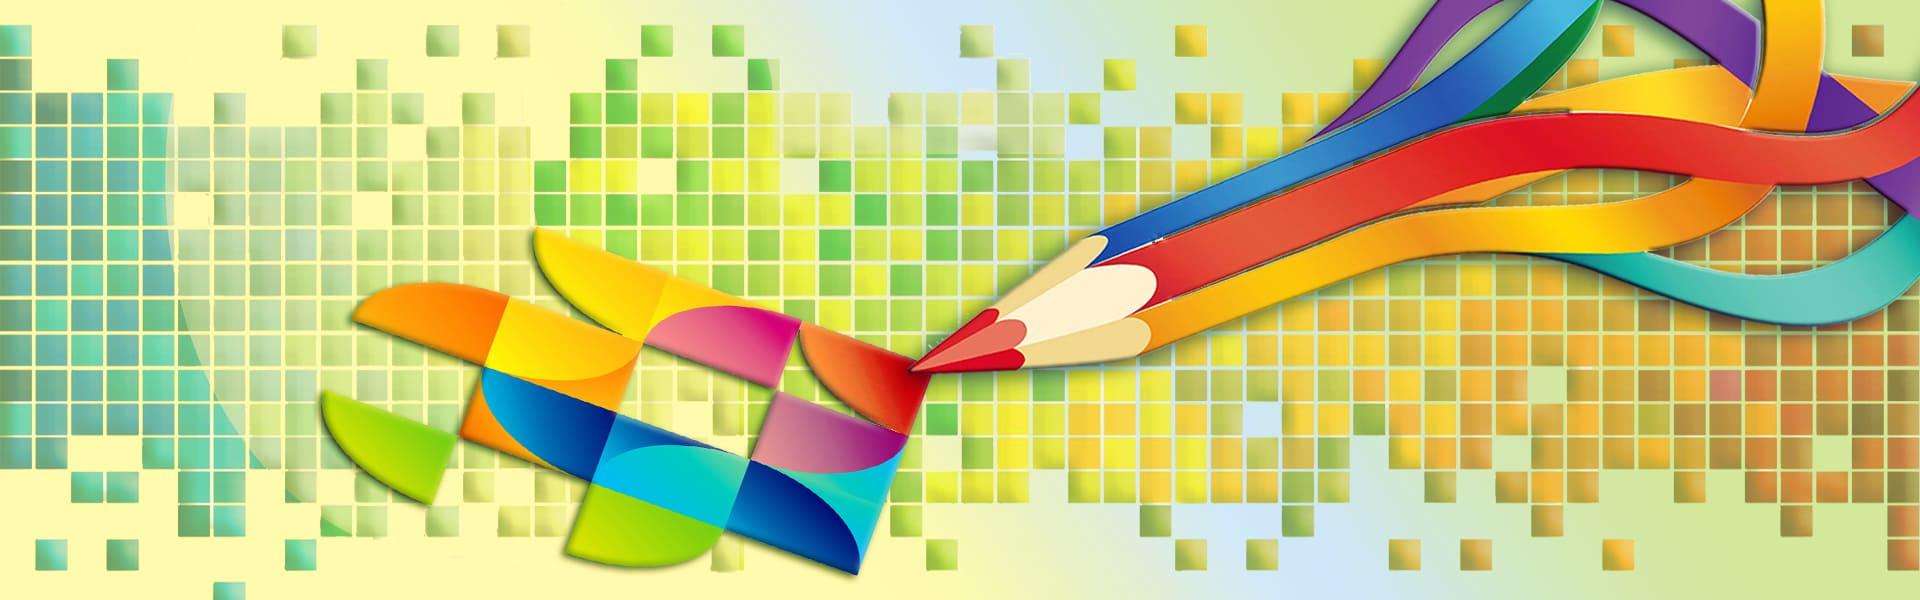 Логотип как основа сайта - создание сайтов Киев